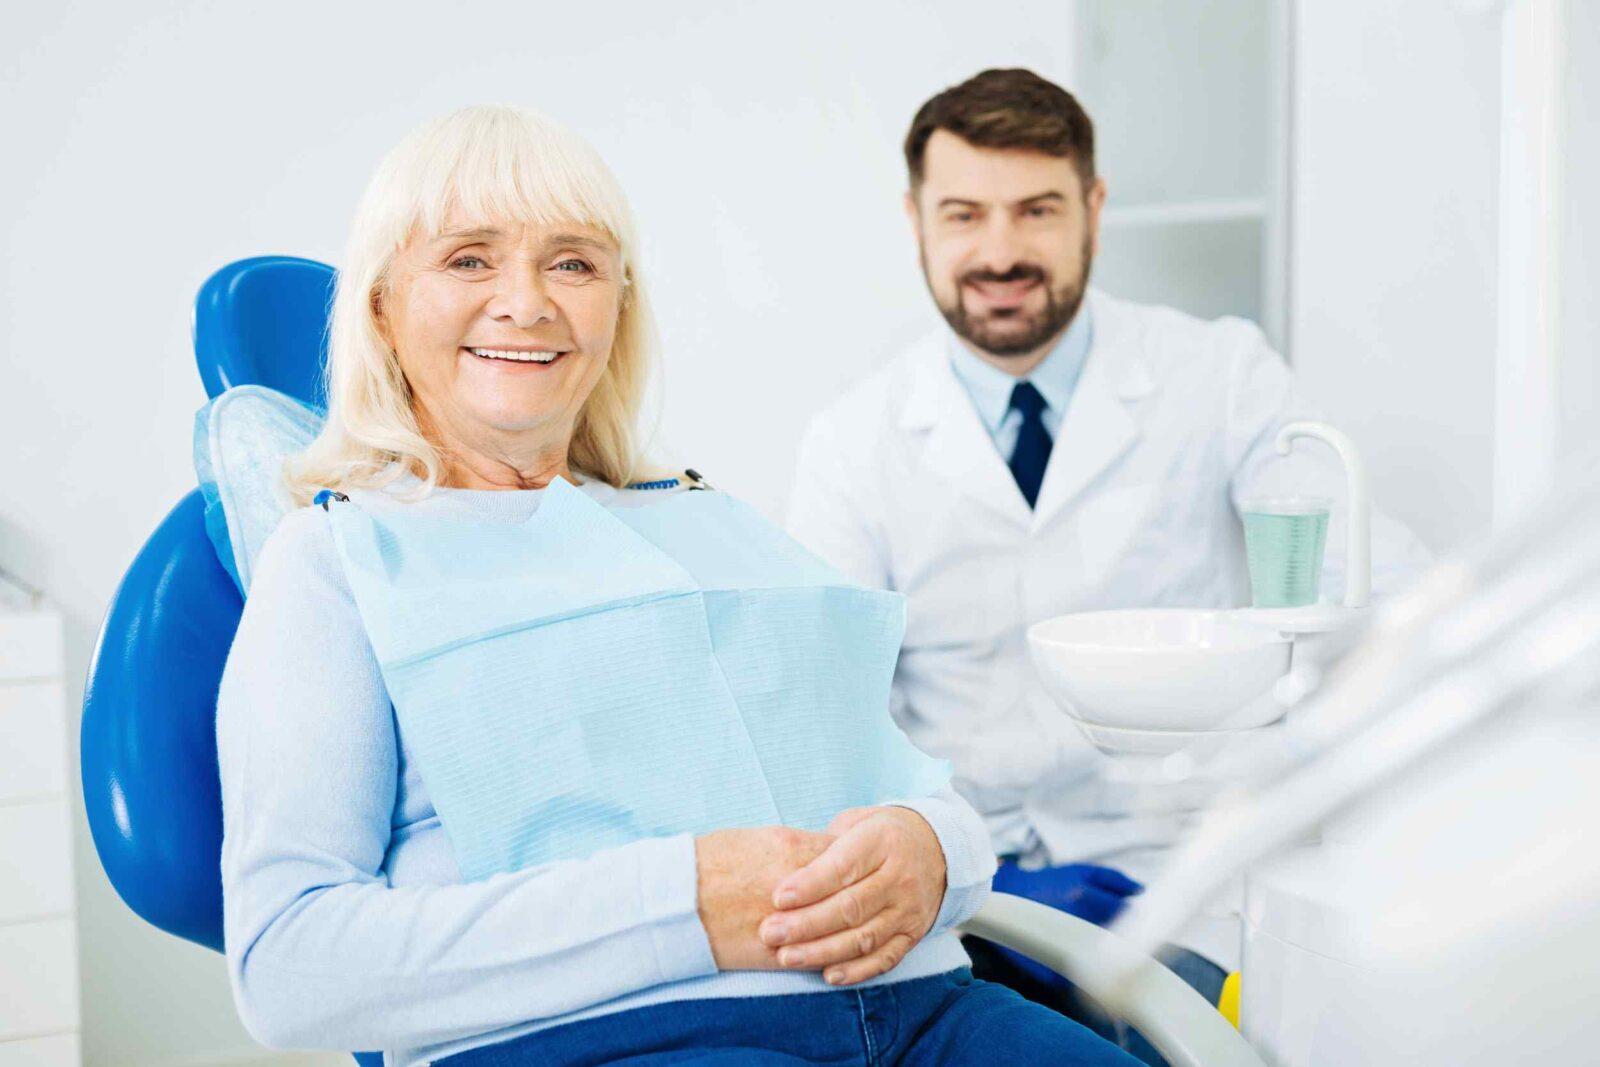 https://dentist.net.ua/wp-content/uploads/2020/02/smile.jpg